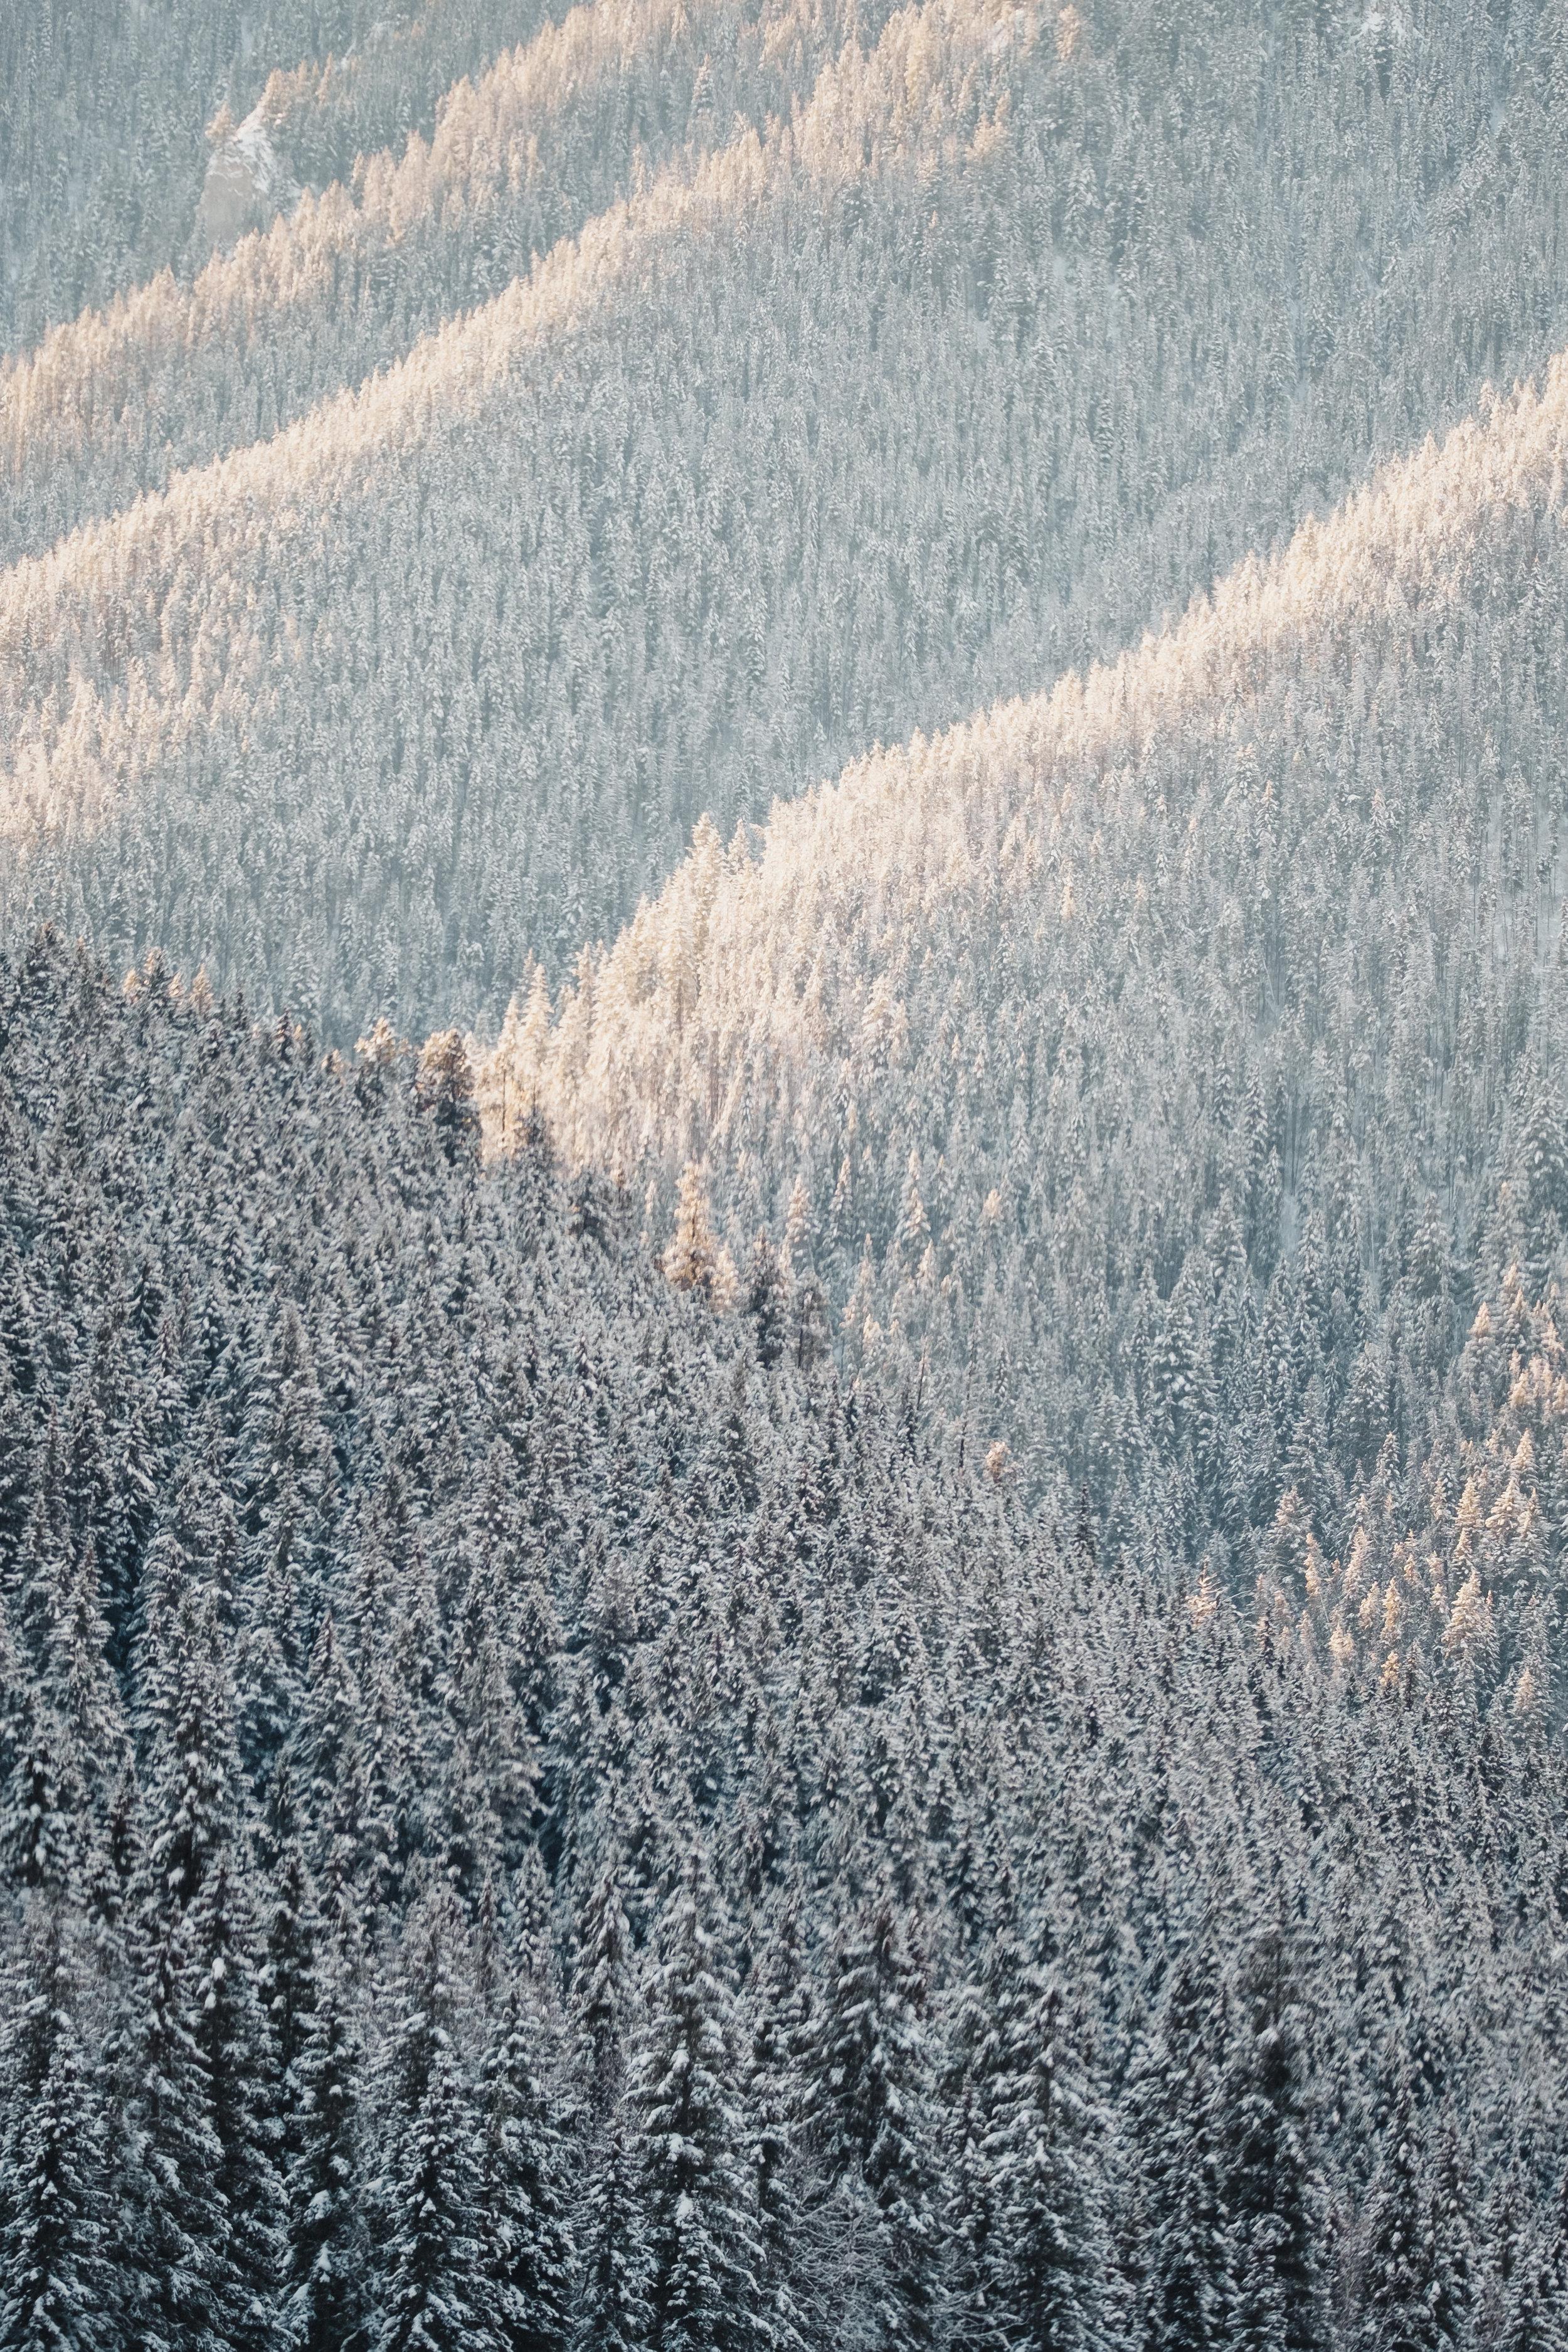 Banff_Canada-64.jpg